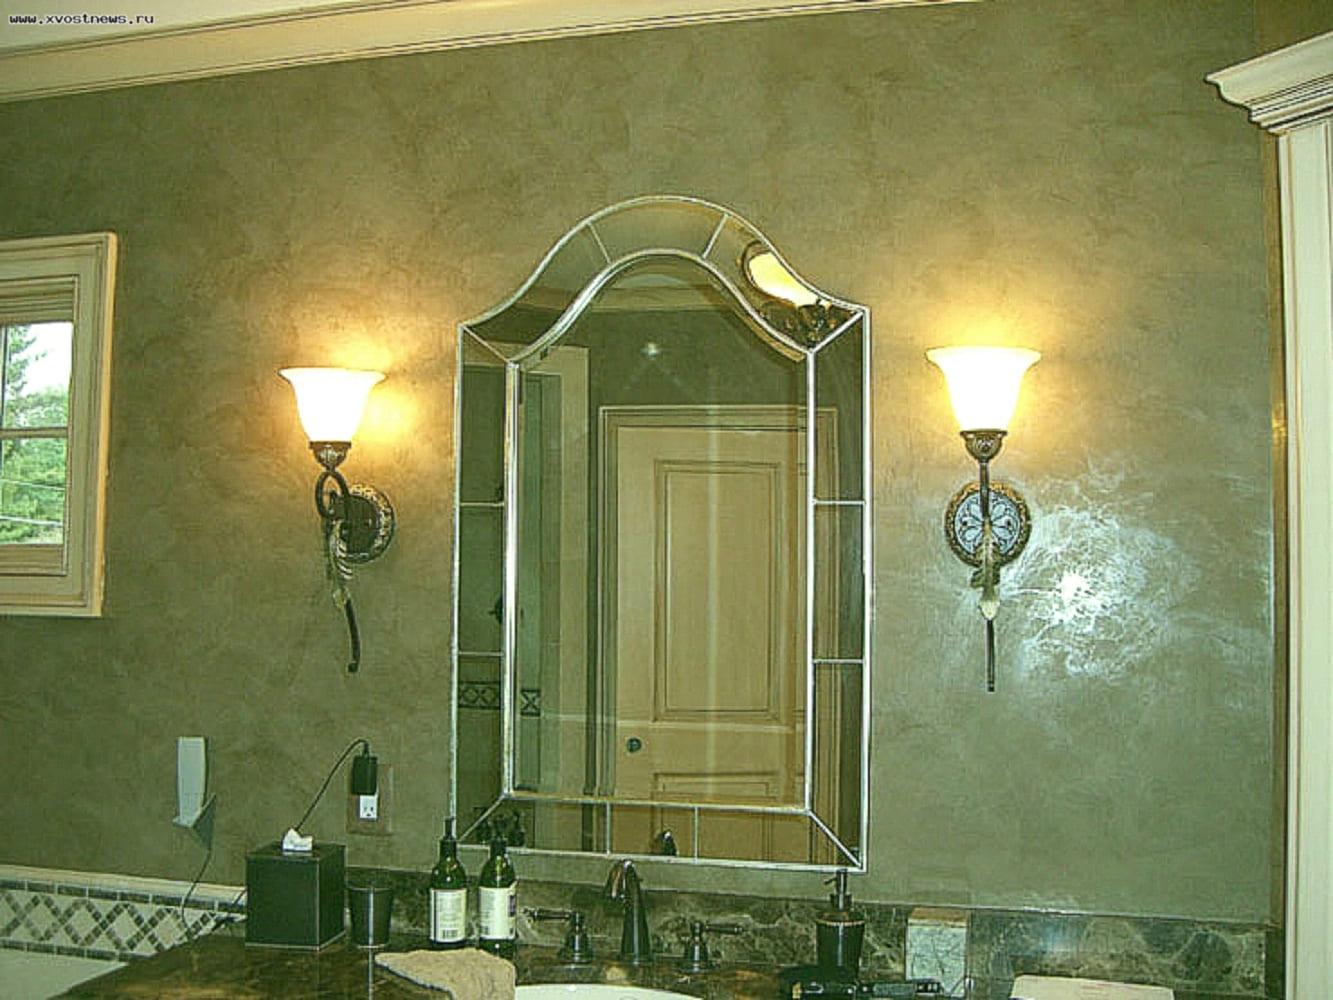 Декоративная штукатурка - лучшие красивые варианты отделки стен в интерьере 099